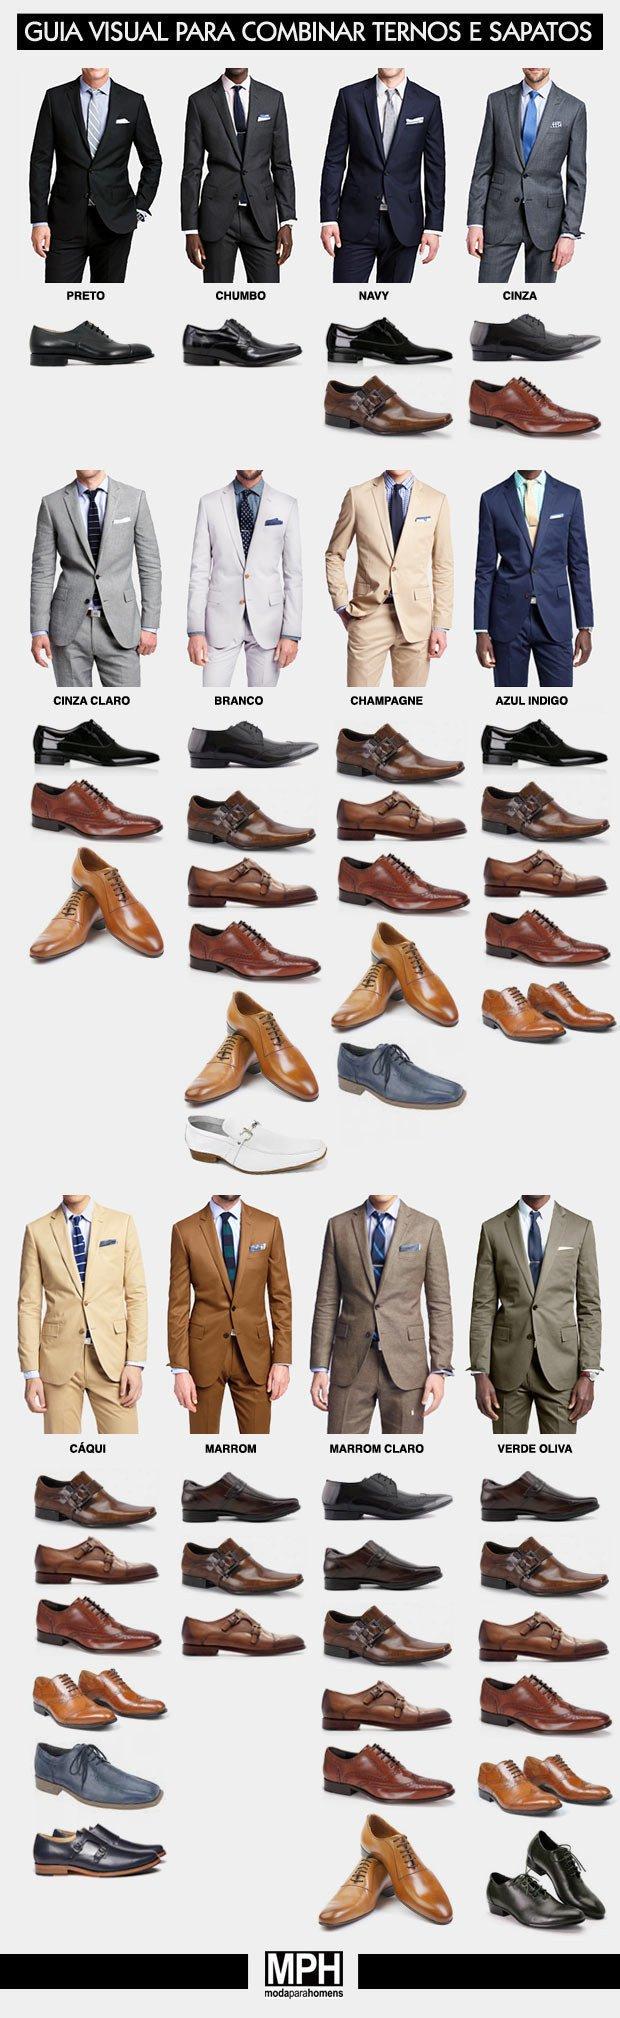 Combinación de zapatos y pantalón